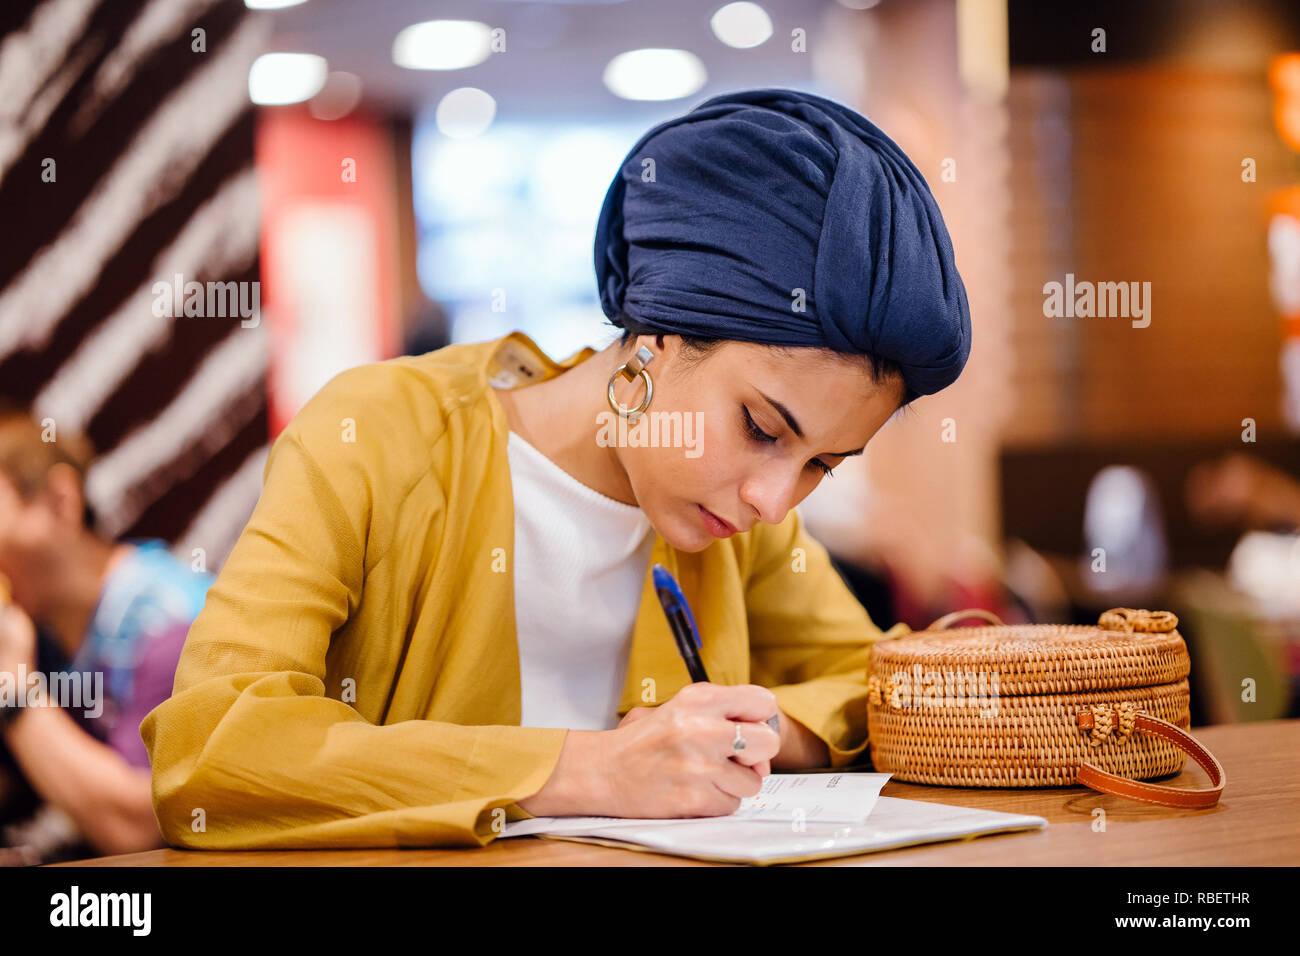 Porträt eines schönen und eleganten im Nahen und Mittleren Osten Frau schreiben in ihrer Zeitschrift notebook. Sie trägt einen blauen Turban hijab Kopftuch. Stockbild